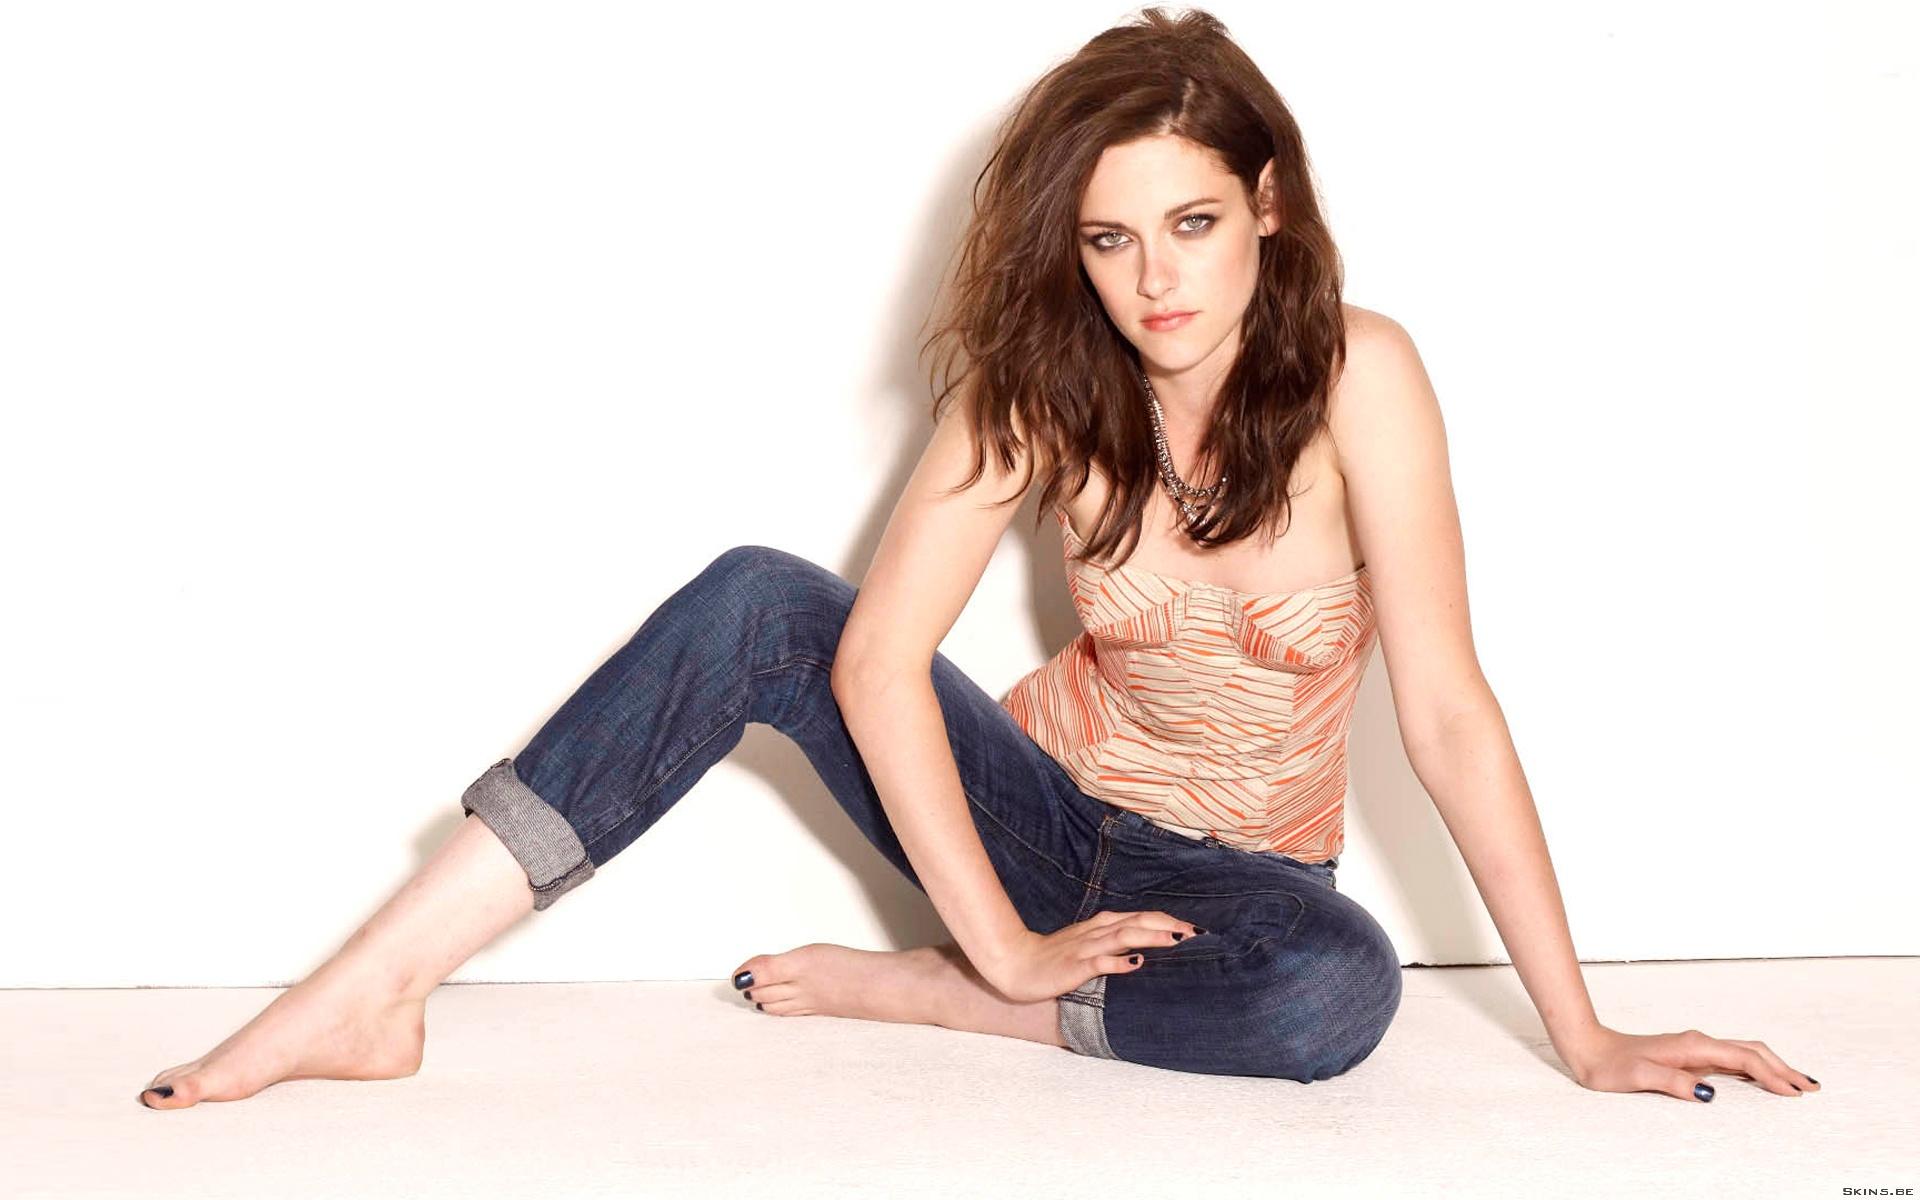 Wallpaper's Collection: «Kristen Stewart Wallpapers»